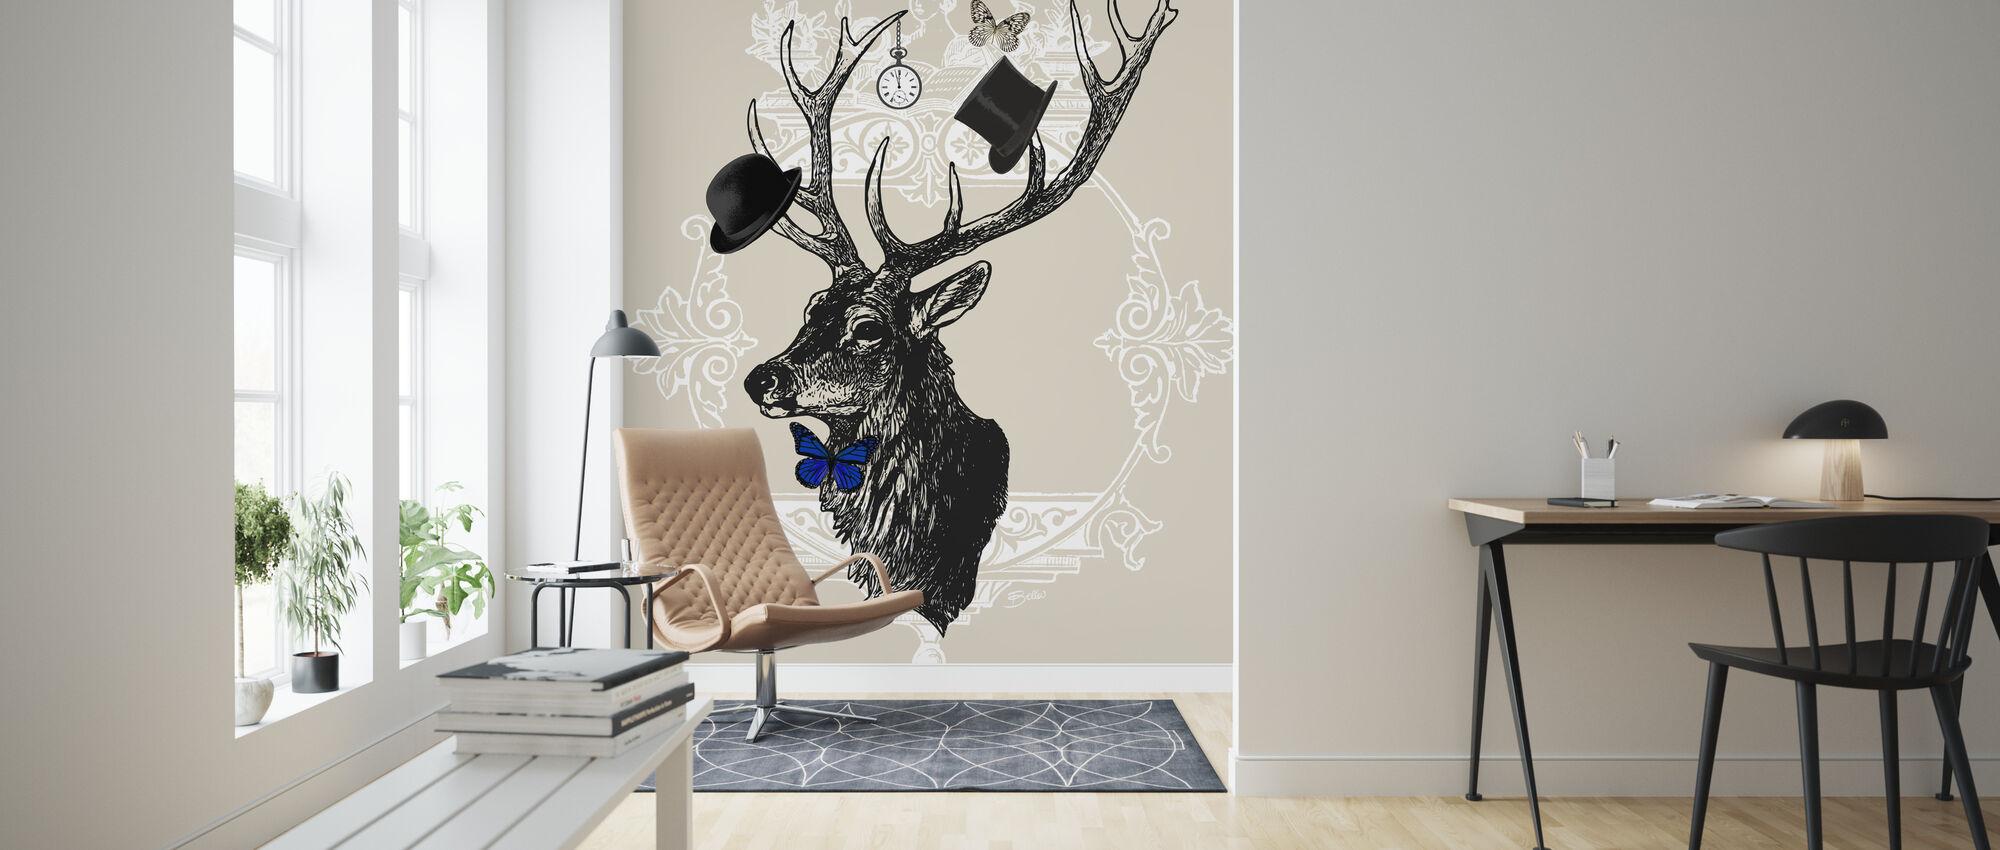 Gentleman Stag - Wallpaper - Living Room